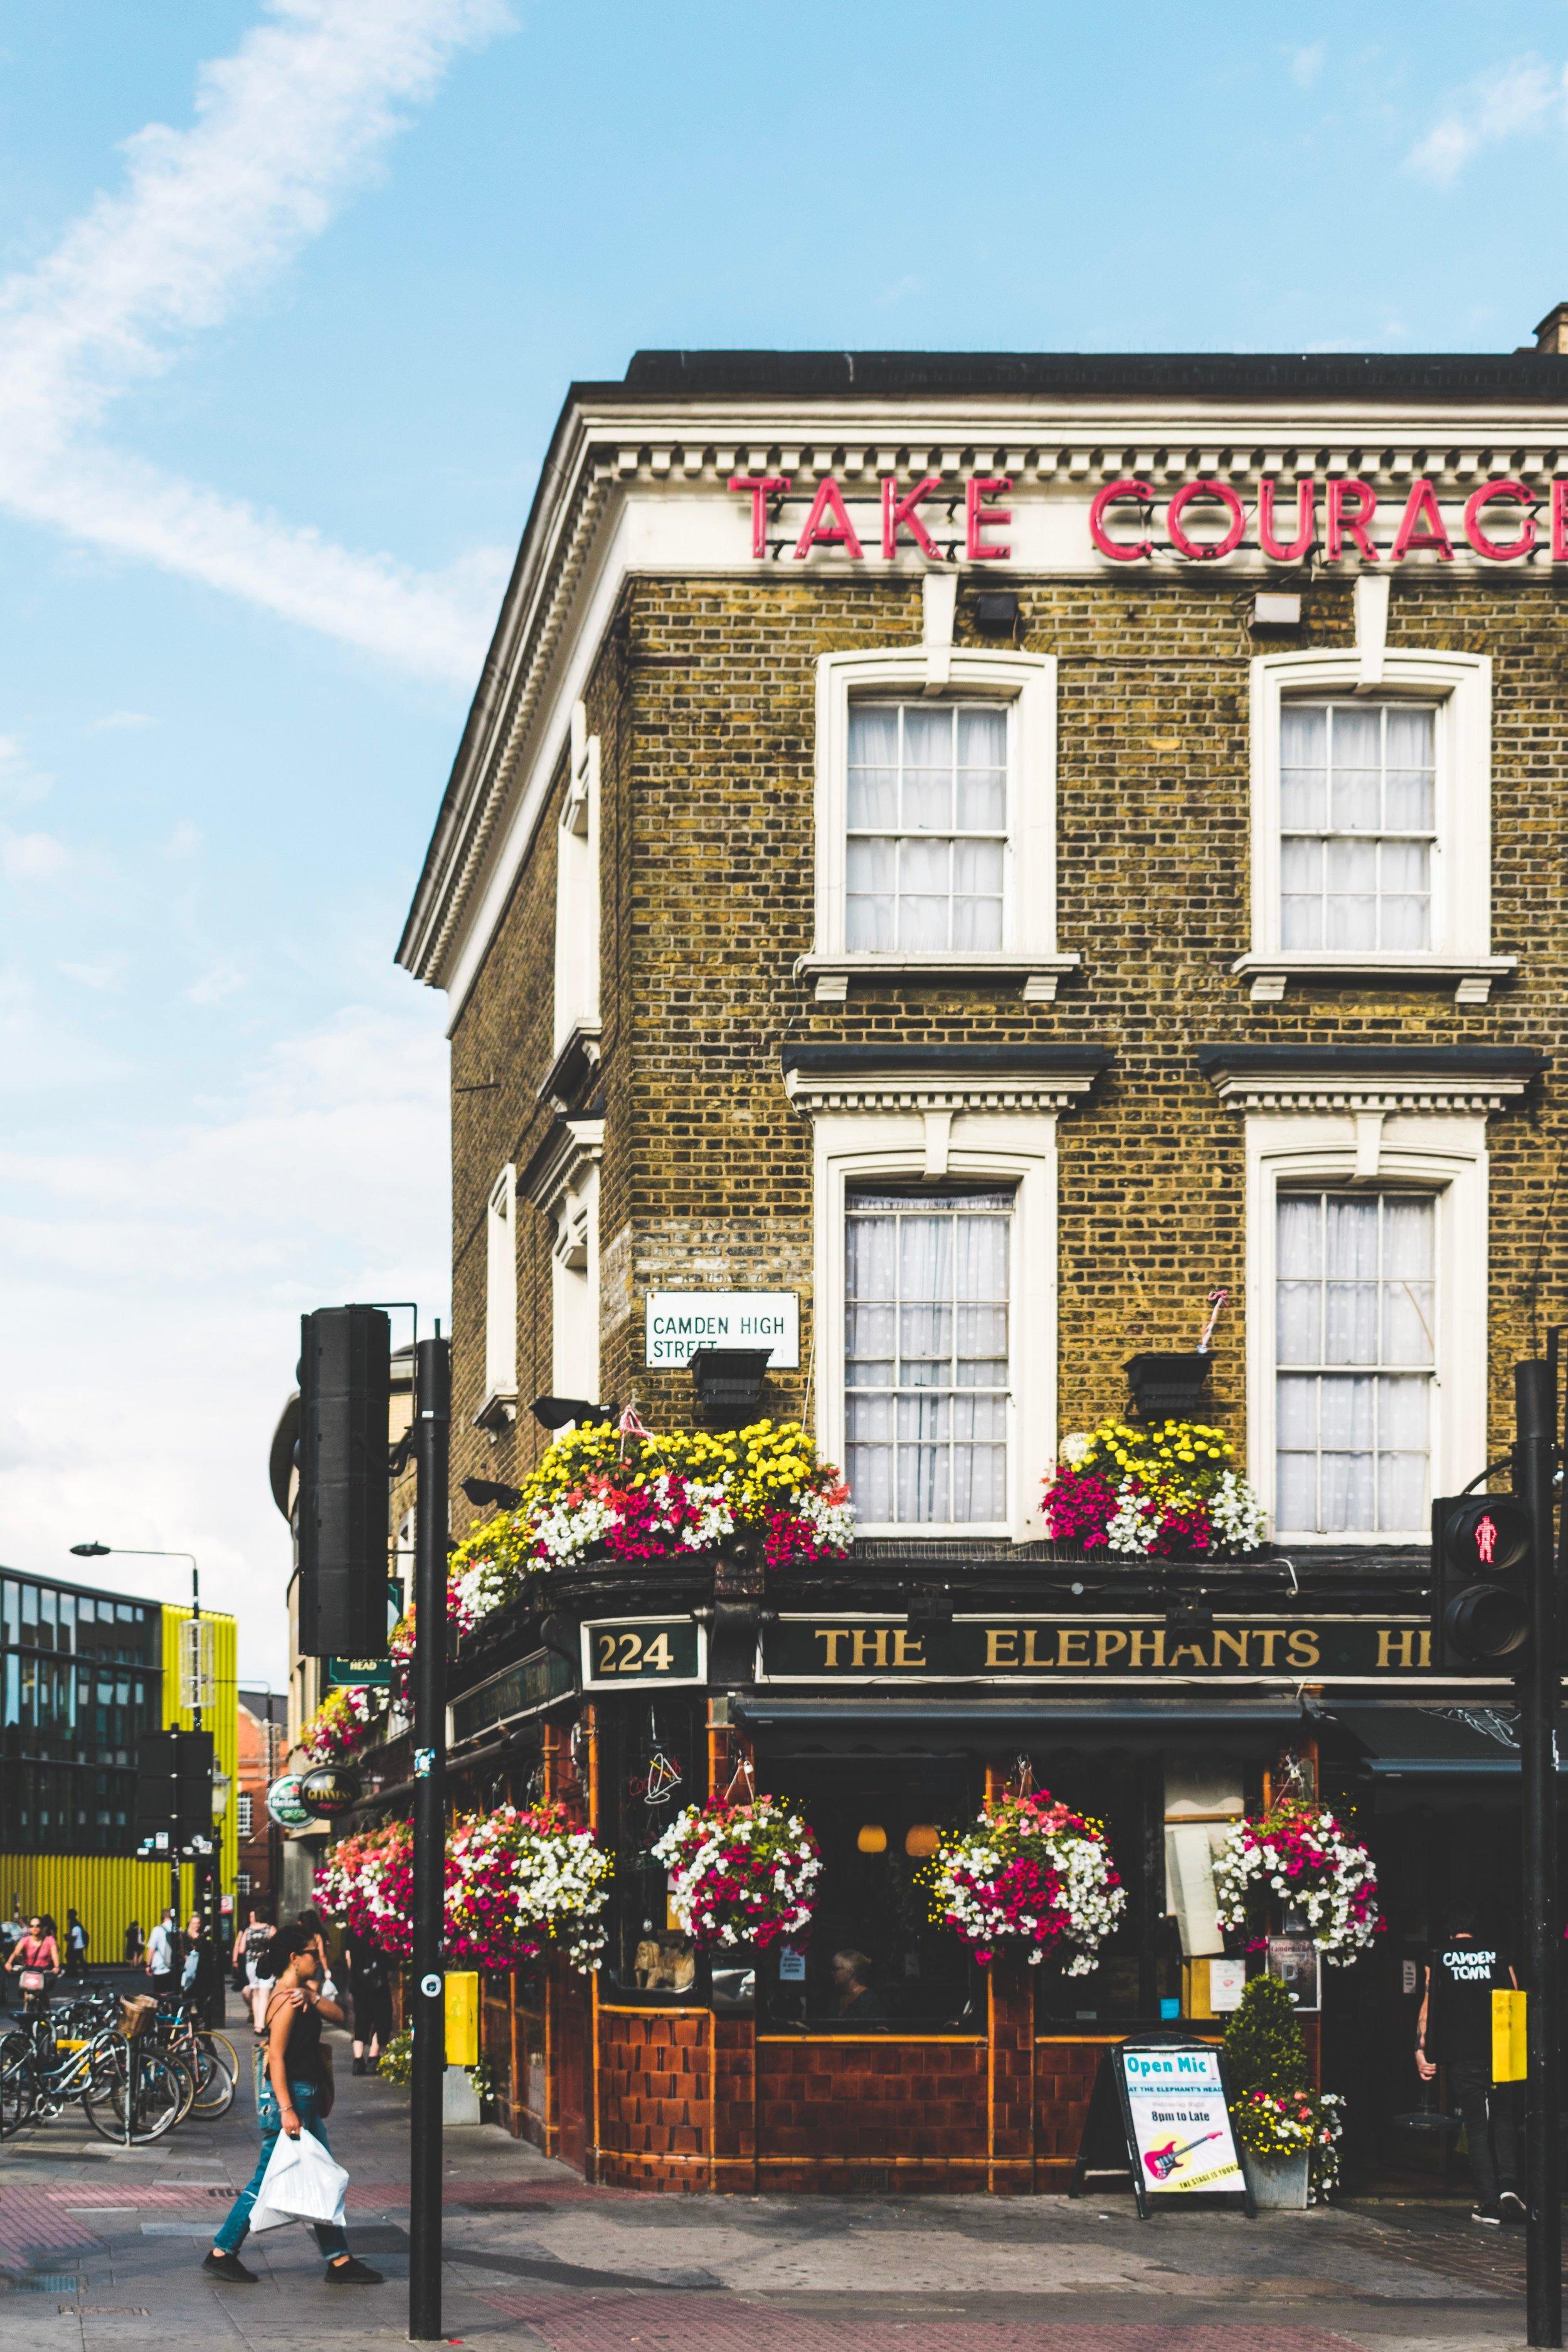 Mer spesifikt foregår en del av handlingen på et kjøpesenter og på en pub i London, og siden få ting i verden er styggere enn kjøpesentre, så vær så god, her er et bilde av en pub. Foto av  Damiano Baschiera .